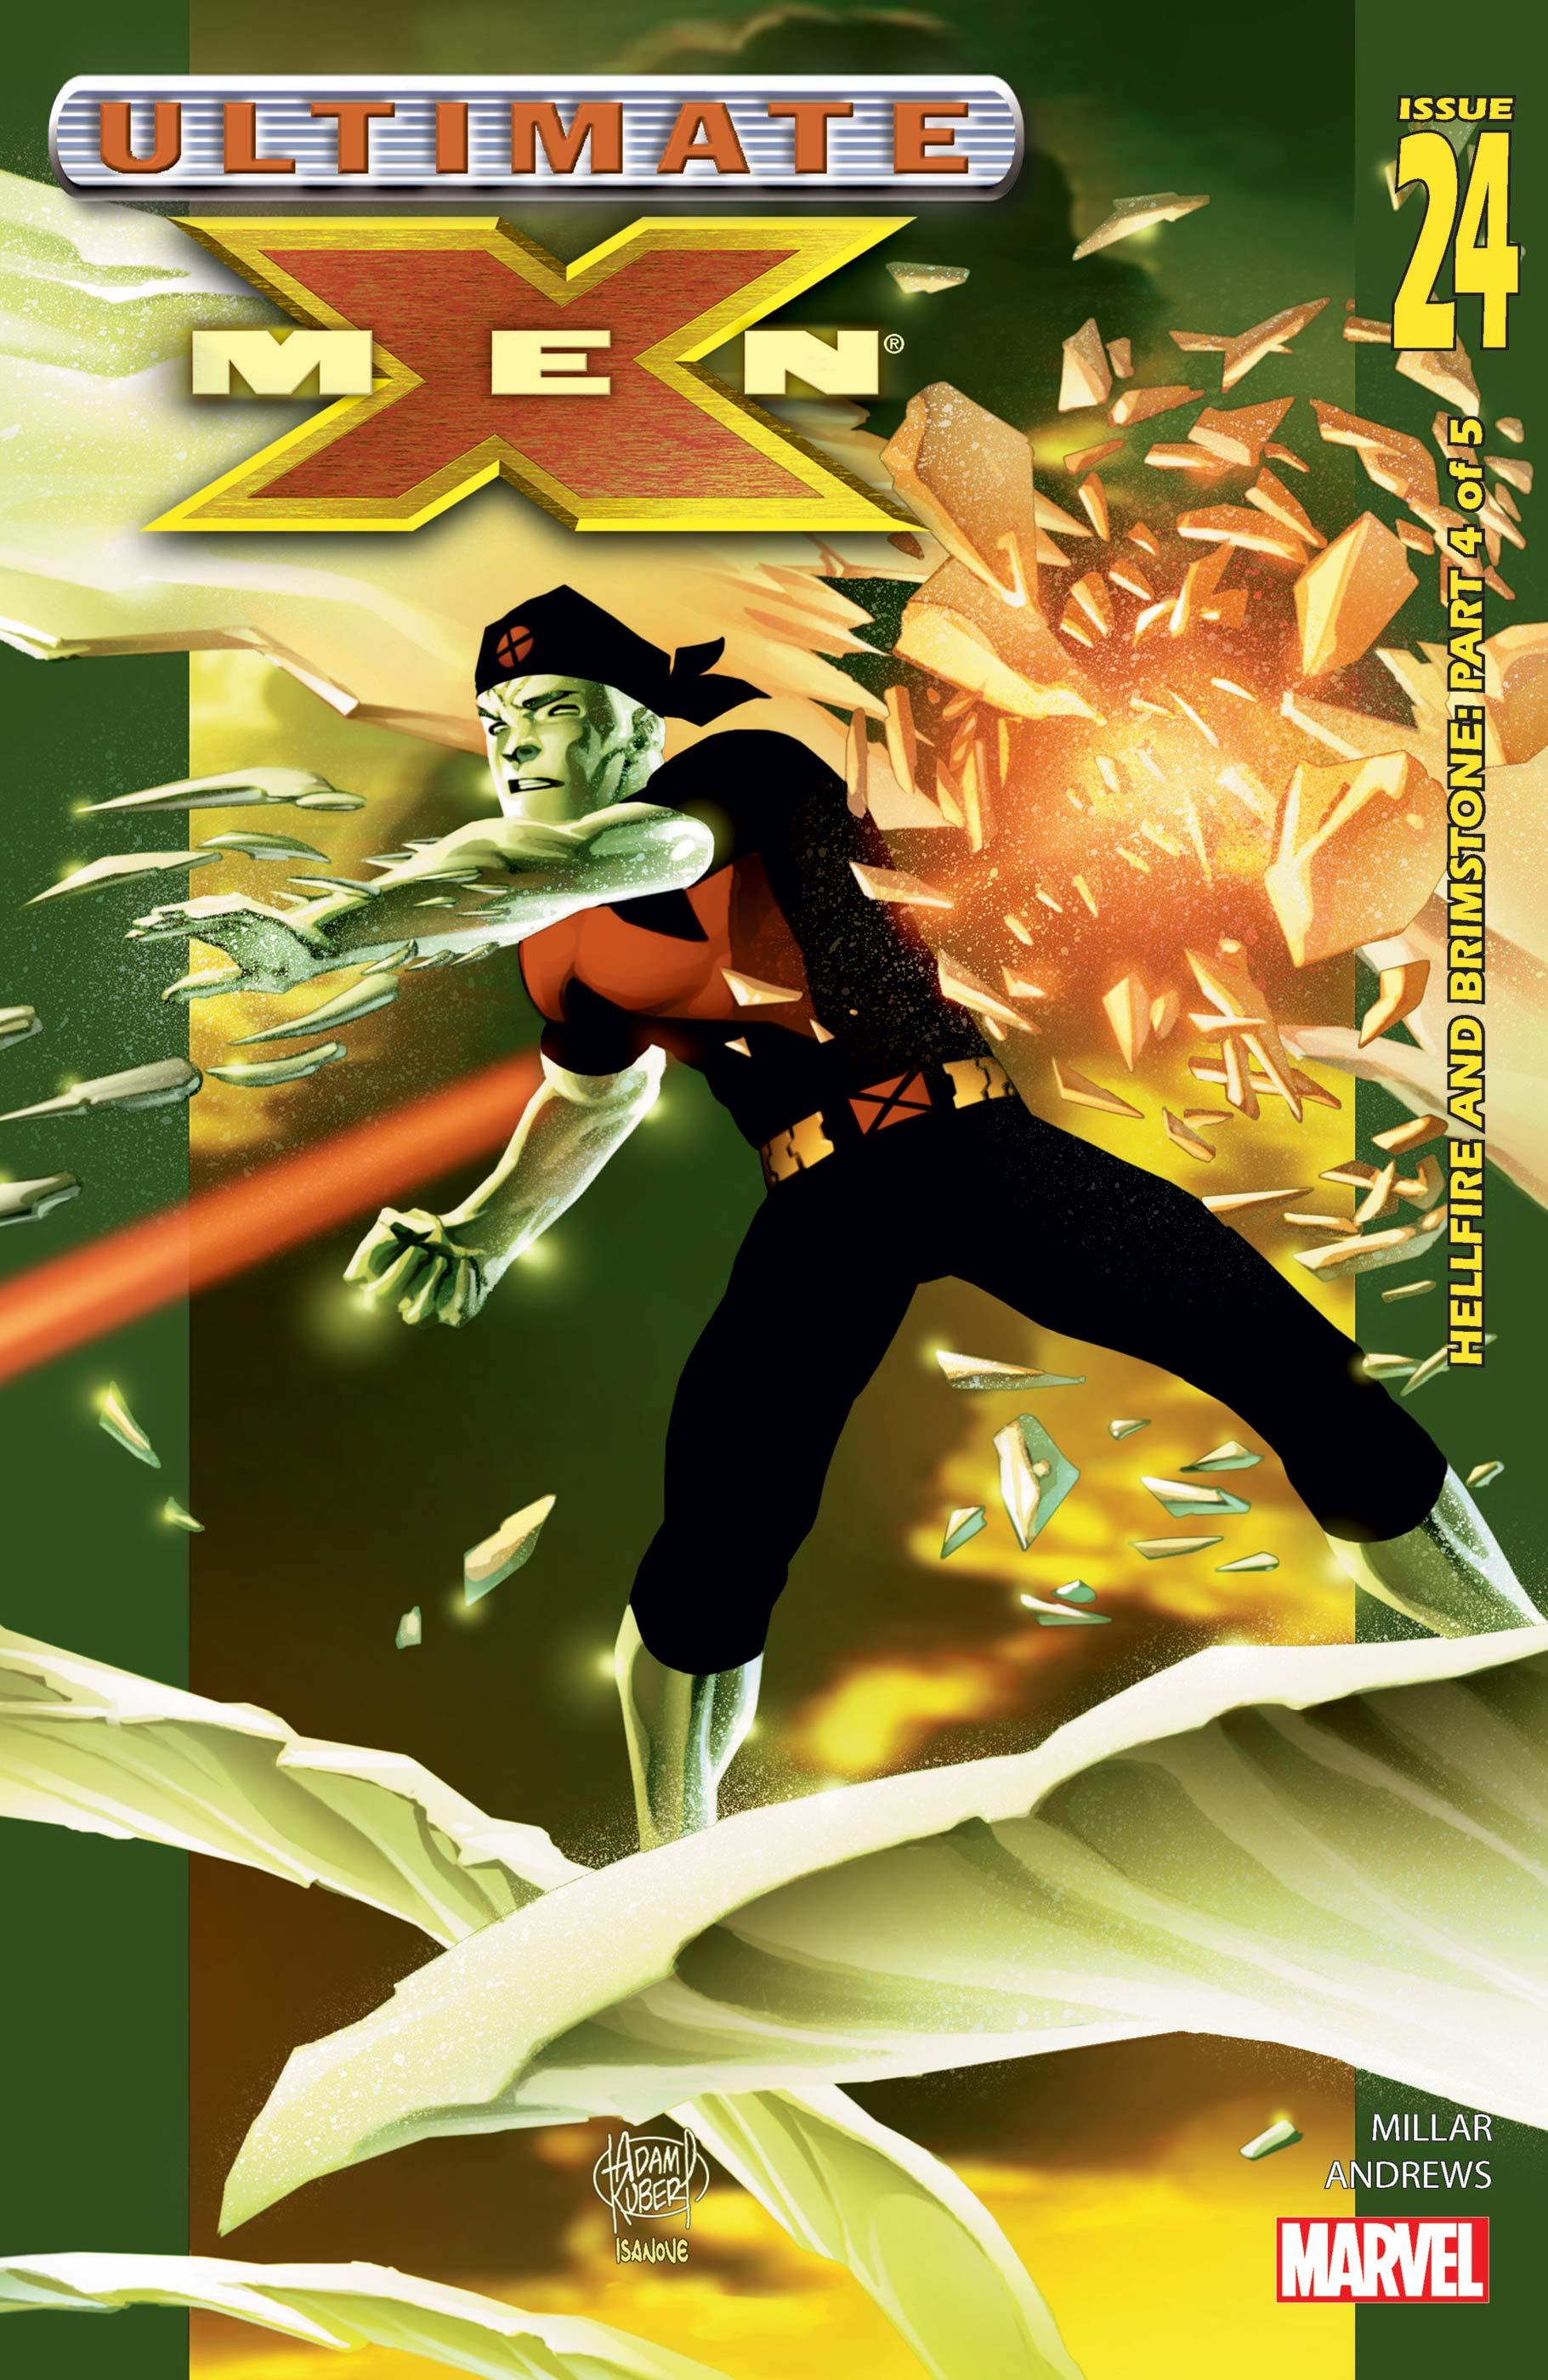 Ultimate X-Men (2000) #24